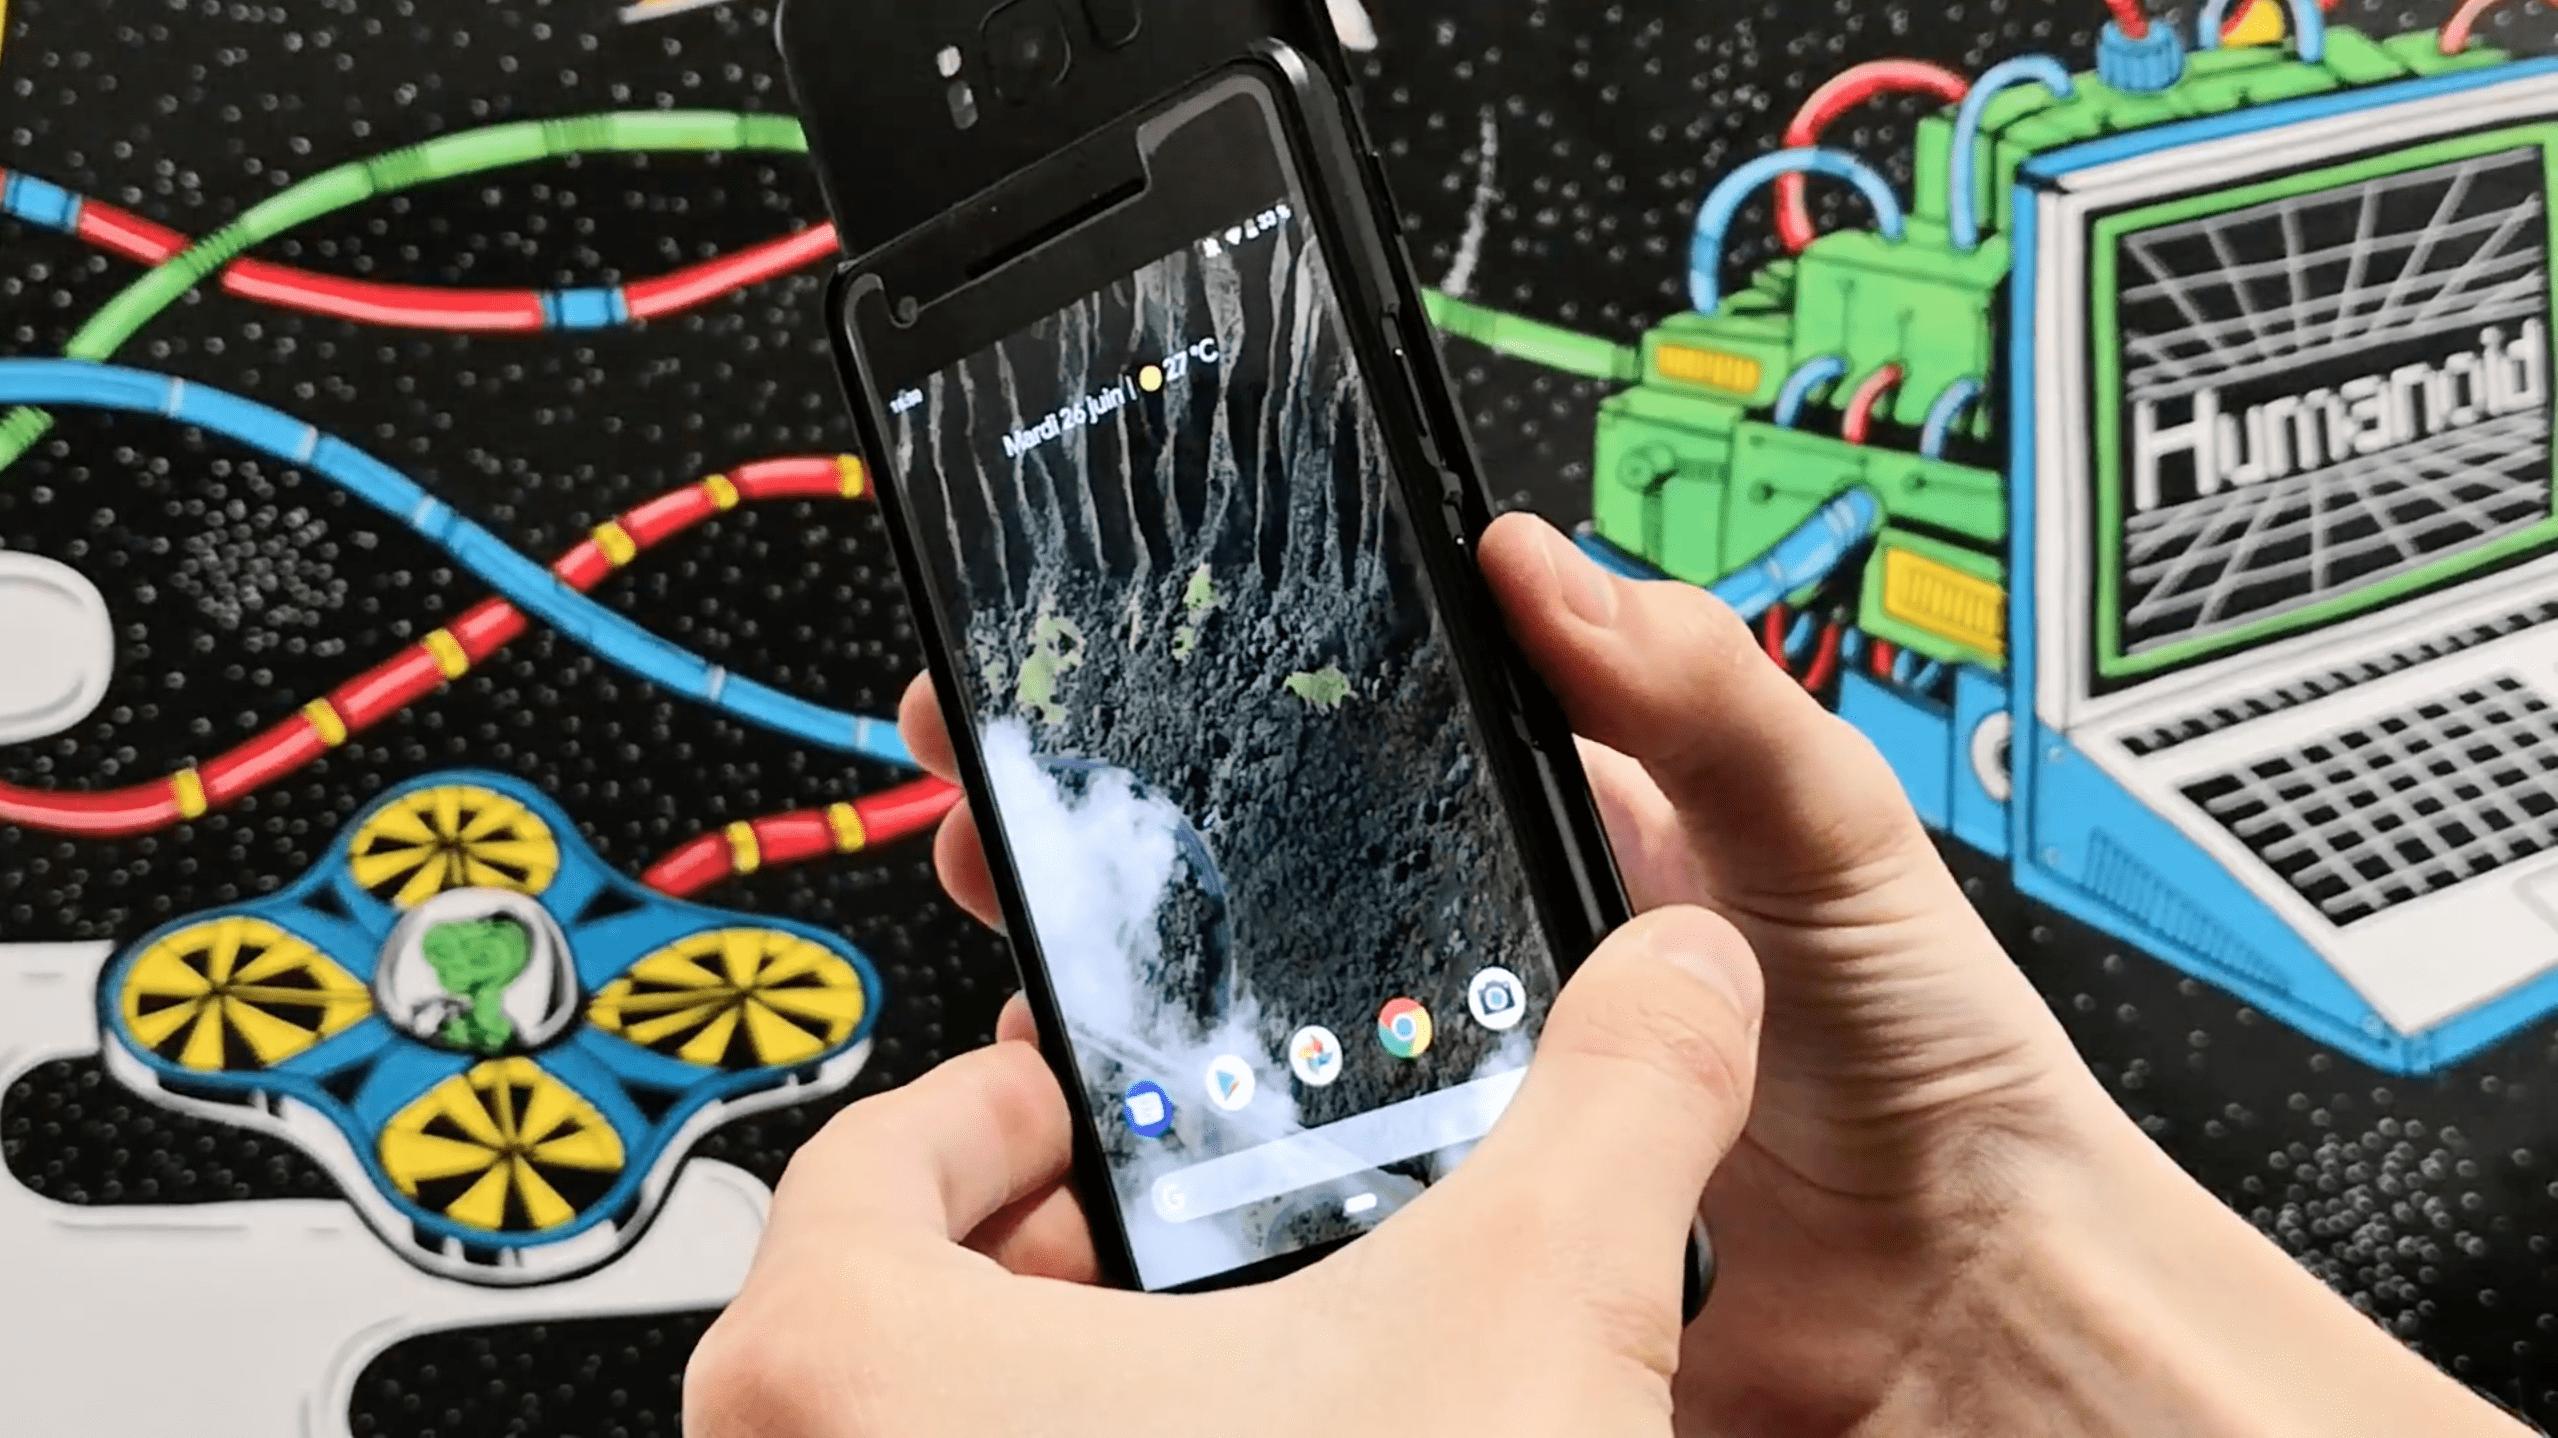 Le NFC Pour Near Field Communication Est Une Technologie Qui Permet Dchanger Des Donnes Entre Un Lecteur Et Nimporte Quel Terminal Mobile Ou